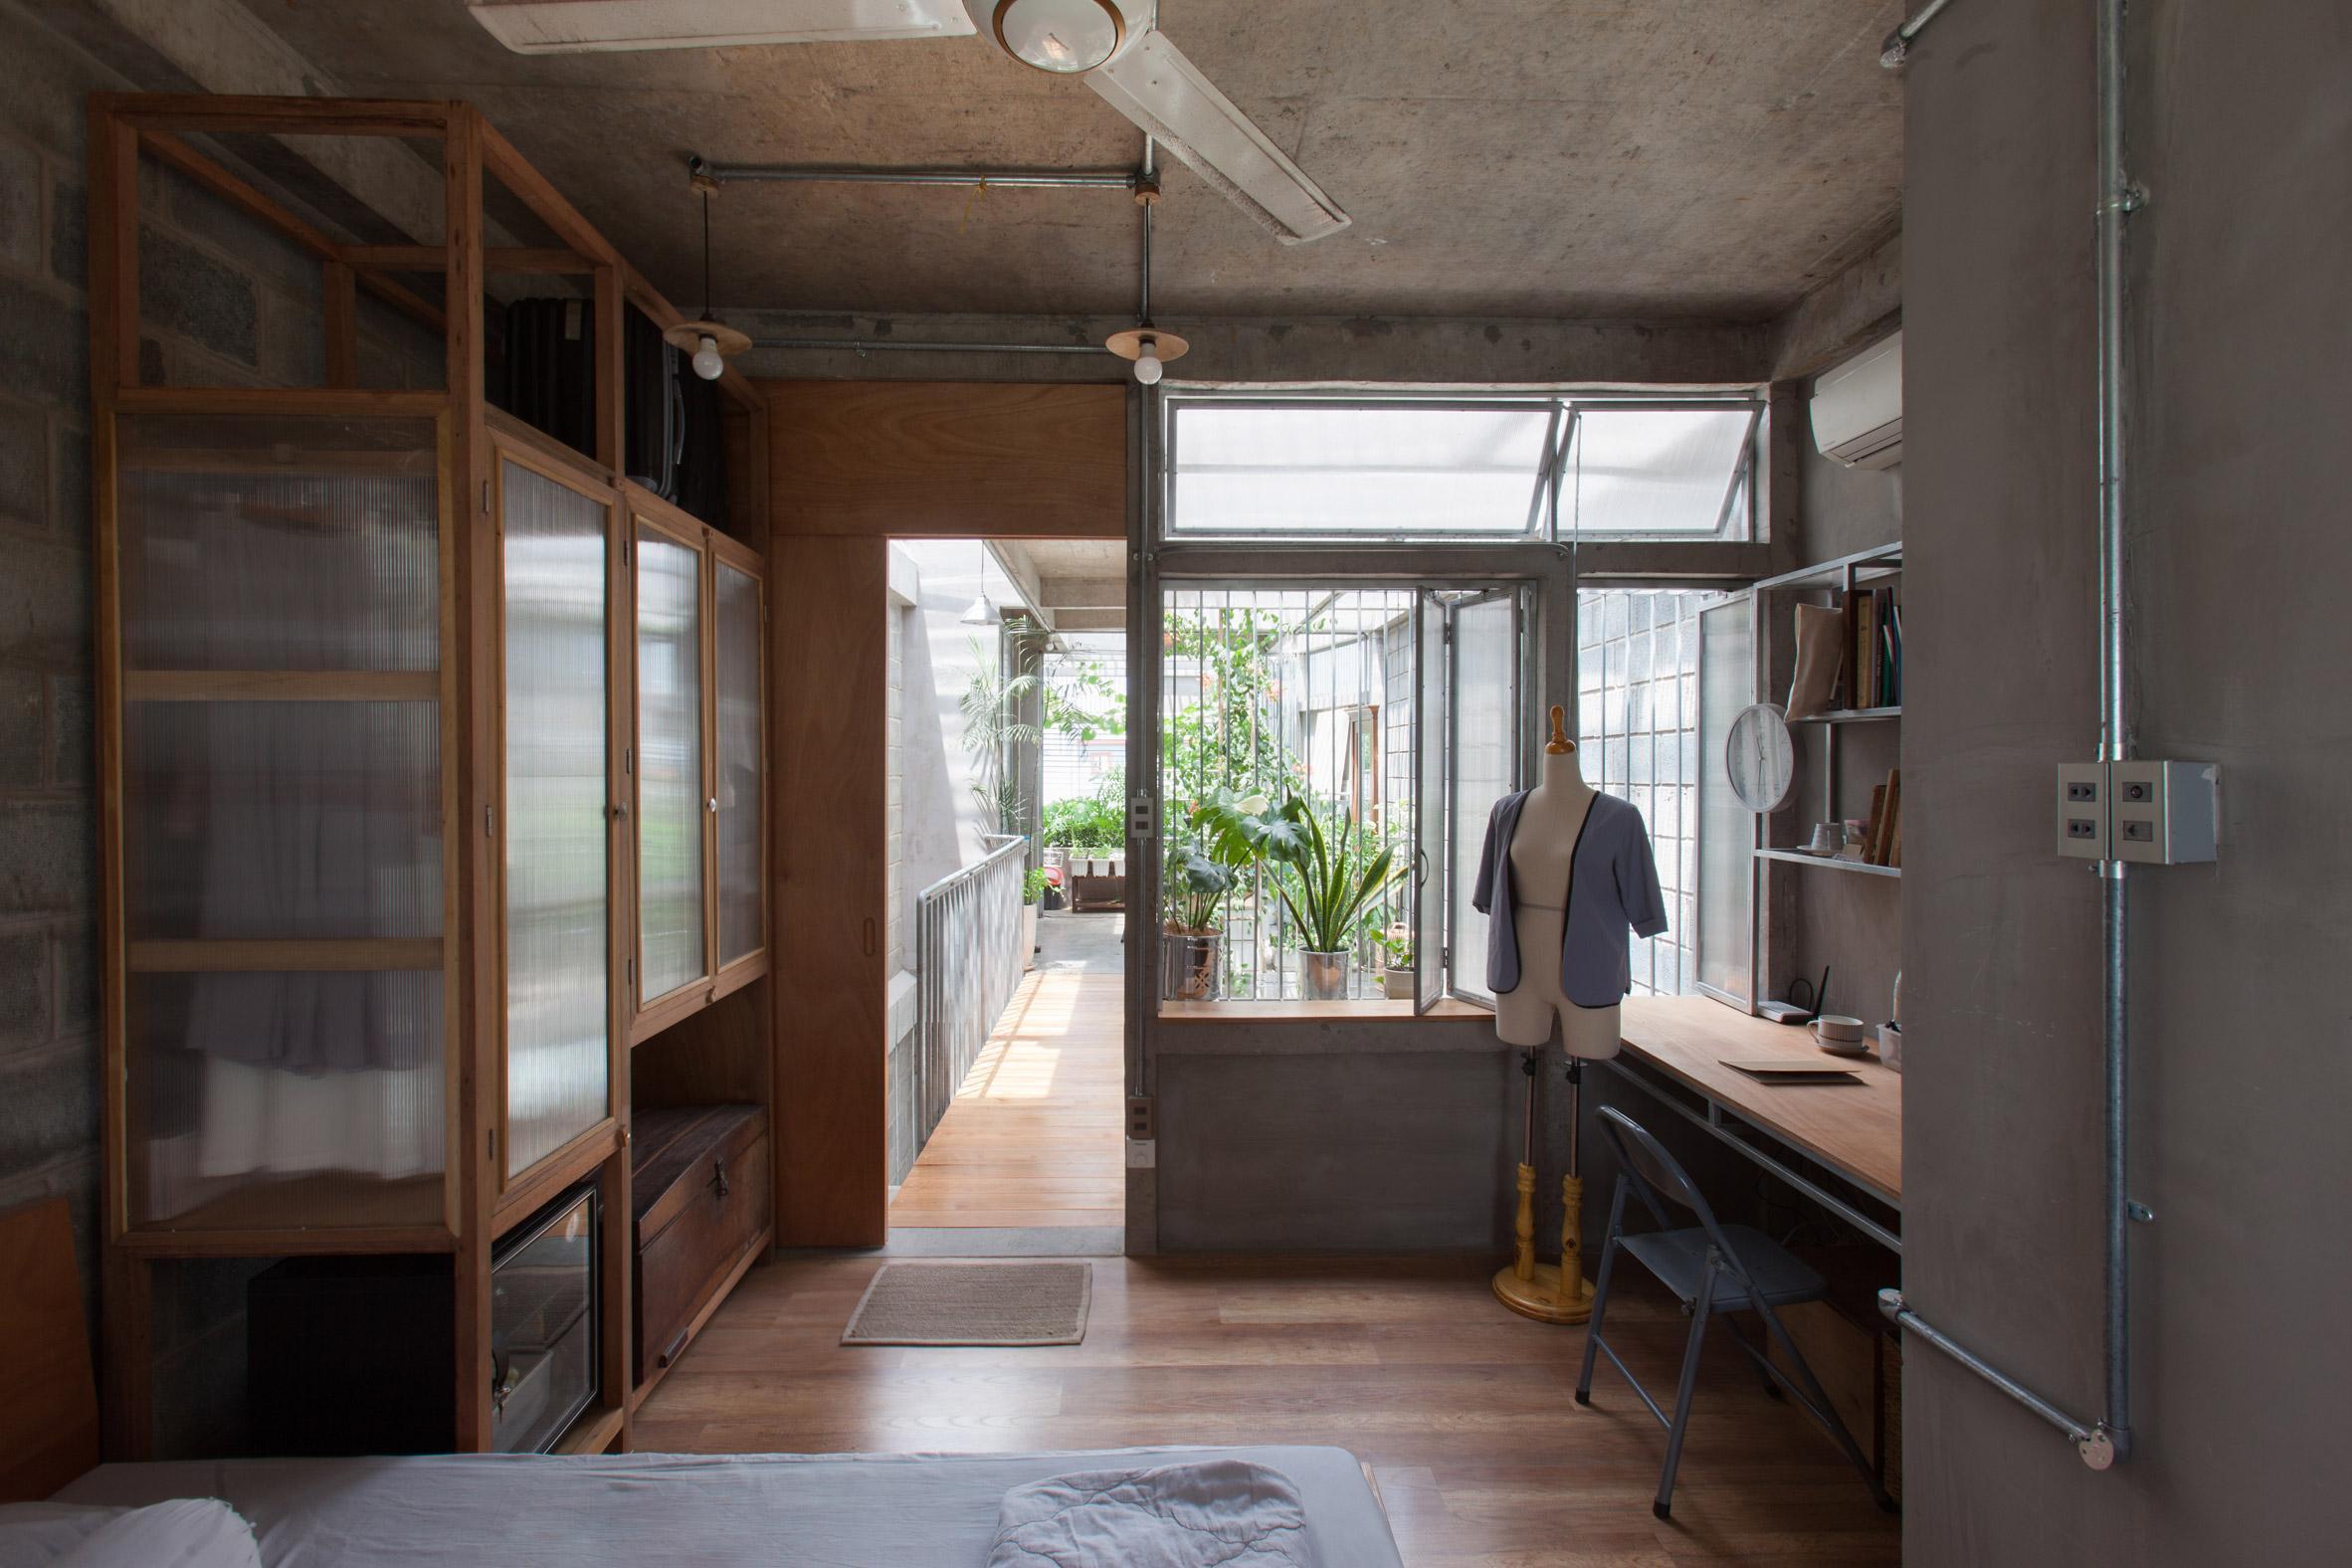 Desain dan Denah Rumah Kecil yang Diapit Dua Gang